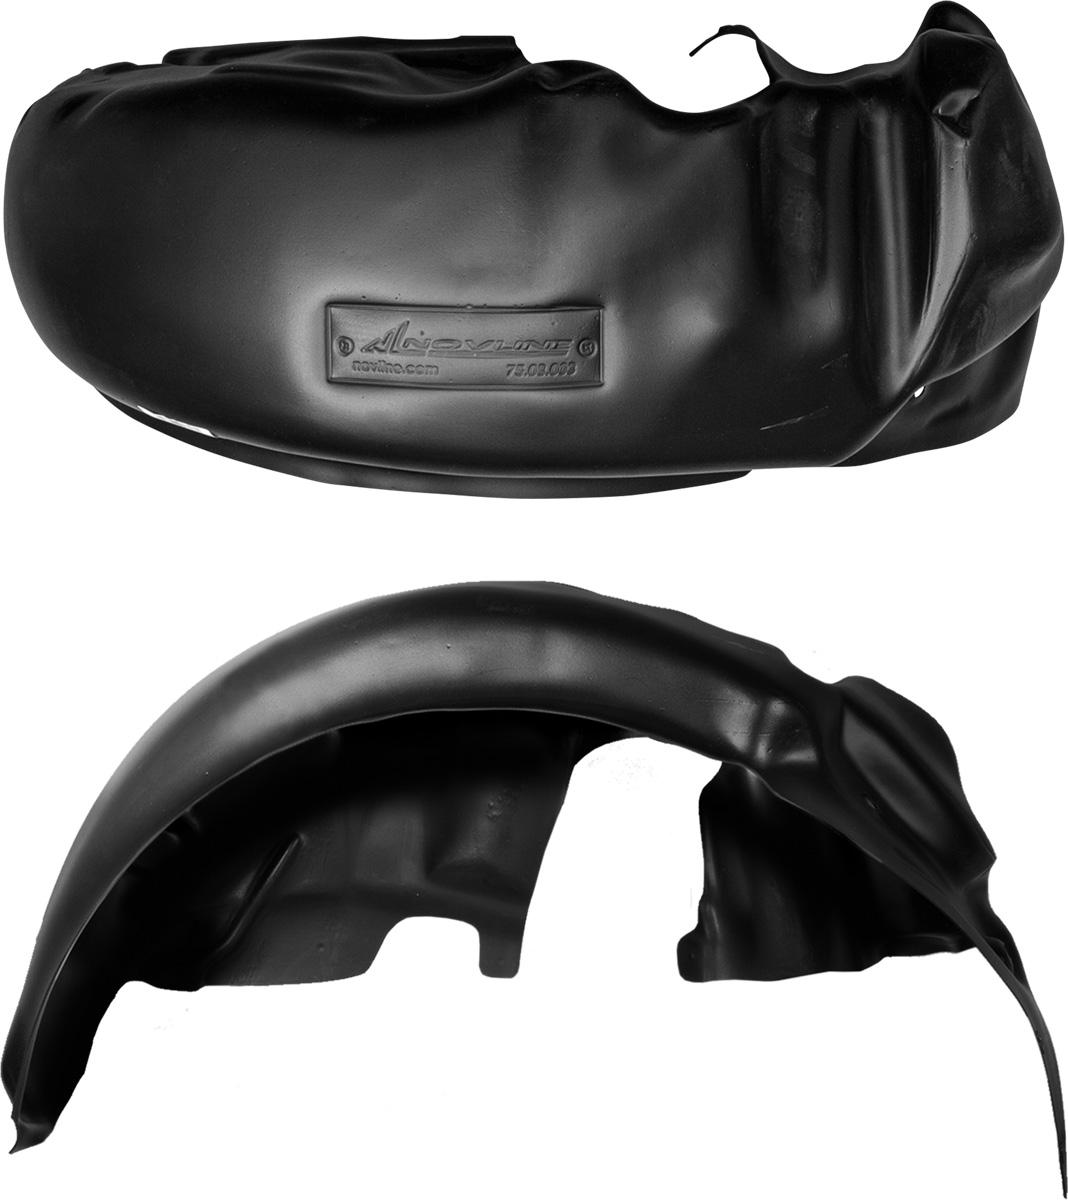 Подкрылок Novline-Autofamily, для Mitsubishi Pajero Sport 2008->, задний левыйNLL.35.20.003Колесные ниши - одни из самых уязвимых зон днища вашего автомобиля. Они постоянно подвергаются воздействию со стороны дороги. Лучшая, почти абсолютная защита для них - специально отформованные пластиковые кожухи, которые называются подкрылками. Производятся они как для отечественных моделей автомобилей, так и для иномарок. Подкрылки Novline-Autofamily выполнены из высококачественного, экологически чистого пластика. Обеспечивают надежную защиту кузова автомобиля от пескоструйного эффекта и негативного влияния, агрессивных антигололедных реагентов. Пластик обладает более низкой теплопроводностью, чем металл, поэтому в зимний период эксплуатации использование пластиковых подкрылков позволяет лучше защитить колесные ниши от налипания снега и образования наледи. Оригинальность конструкции подчеркивает элегантность автомобиля, бережно защищает нанесенное на днище кузова антикоррозийное покрытие и позволяет осуществить крепление подкрылков внутри колесной арки практически без дополнительного крепежа и сверления, не нарушая при этом лакокрасочного покрытия, что предотвращает возникновение новых очагов коррозии. Подкрылки долговечны, обладают высокой прочностью и сохраняют заданную форму, а также все свои физико-механические характеристики в самых тяжелых климатических условиях (от -50°С до +50°С).Уважаемые клиенты!Обращаем ваше внимание, на тот факт, что подкрылок имеет форму, соответствующую модели данного автомобиля. Фото служит для визуального восприятия товара.